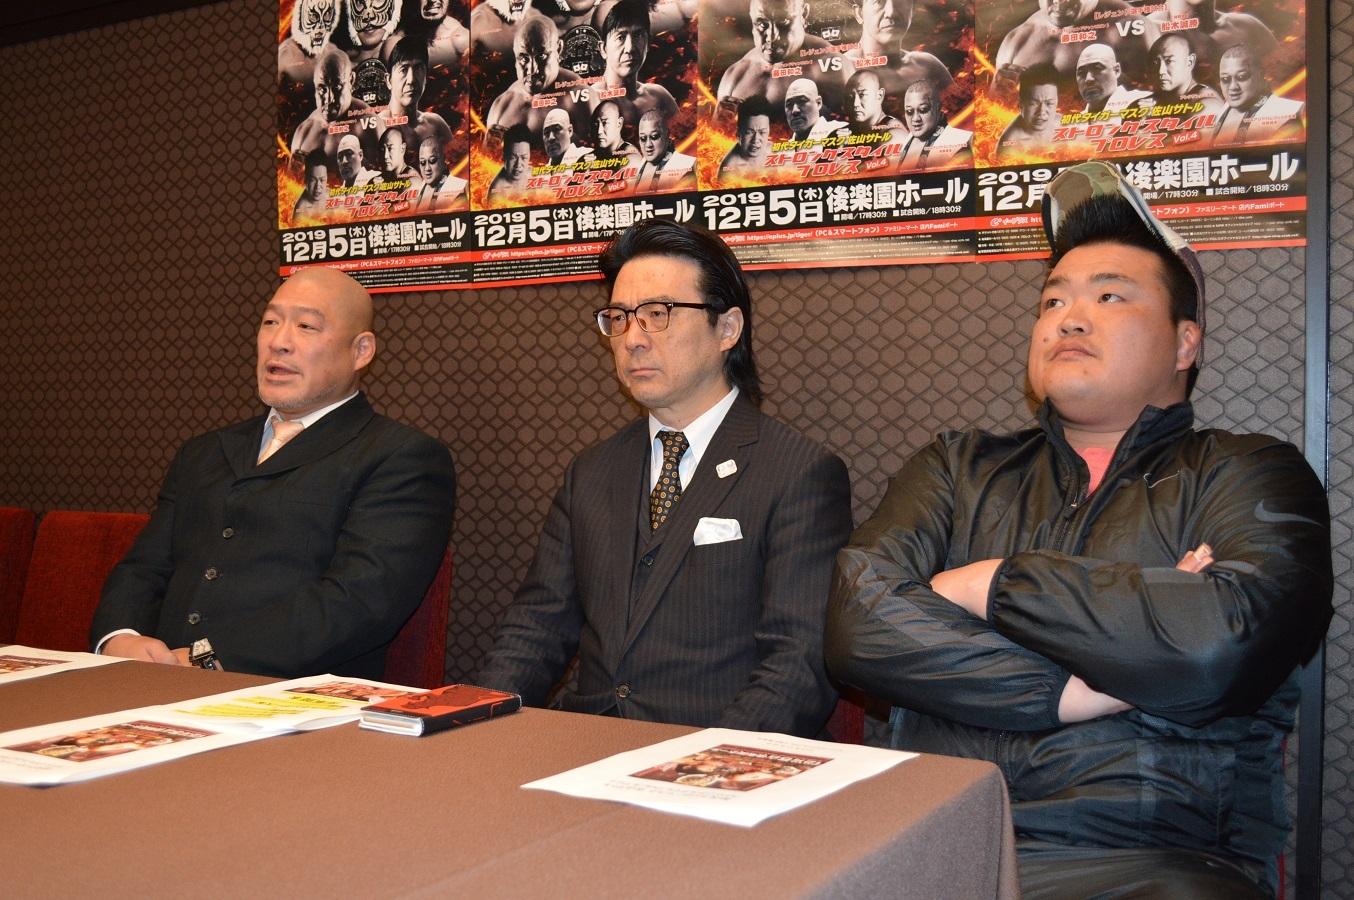 タカ・クノウ、澤田敦士、平井丈雅リアルジャパンプロレス代表